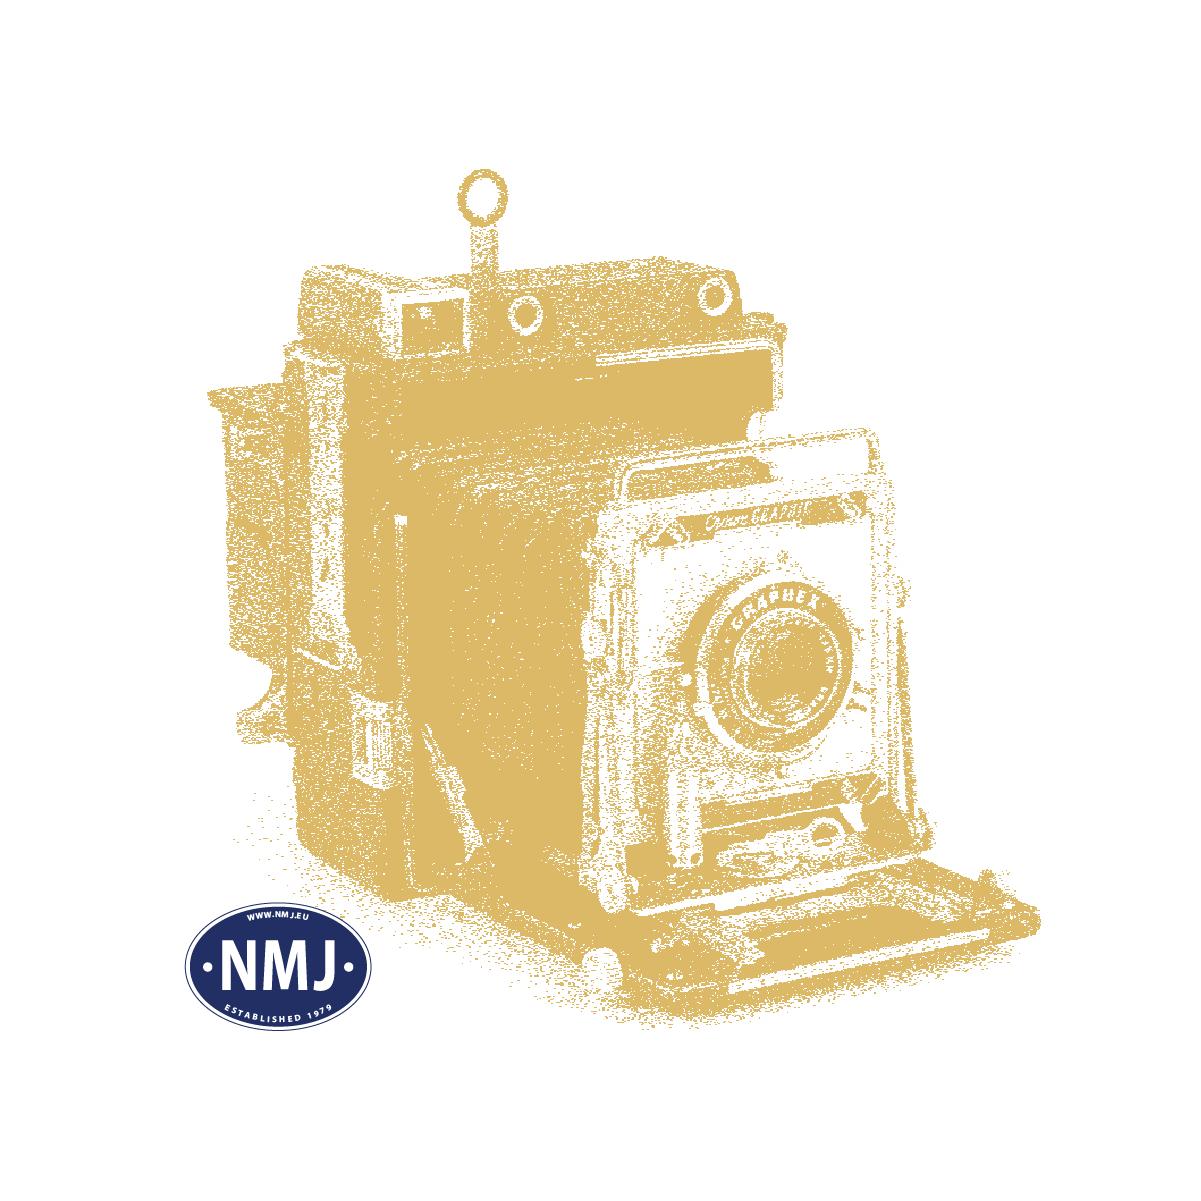 Topline Godsvogner, NMJ Topline model of the NSB Rps 31 76 393 3 323-4 with Finsam brown old type wood chip boxes, NMJT505.302